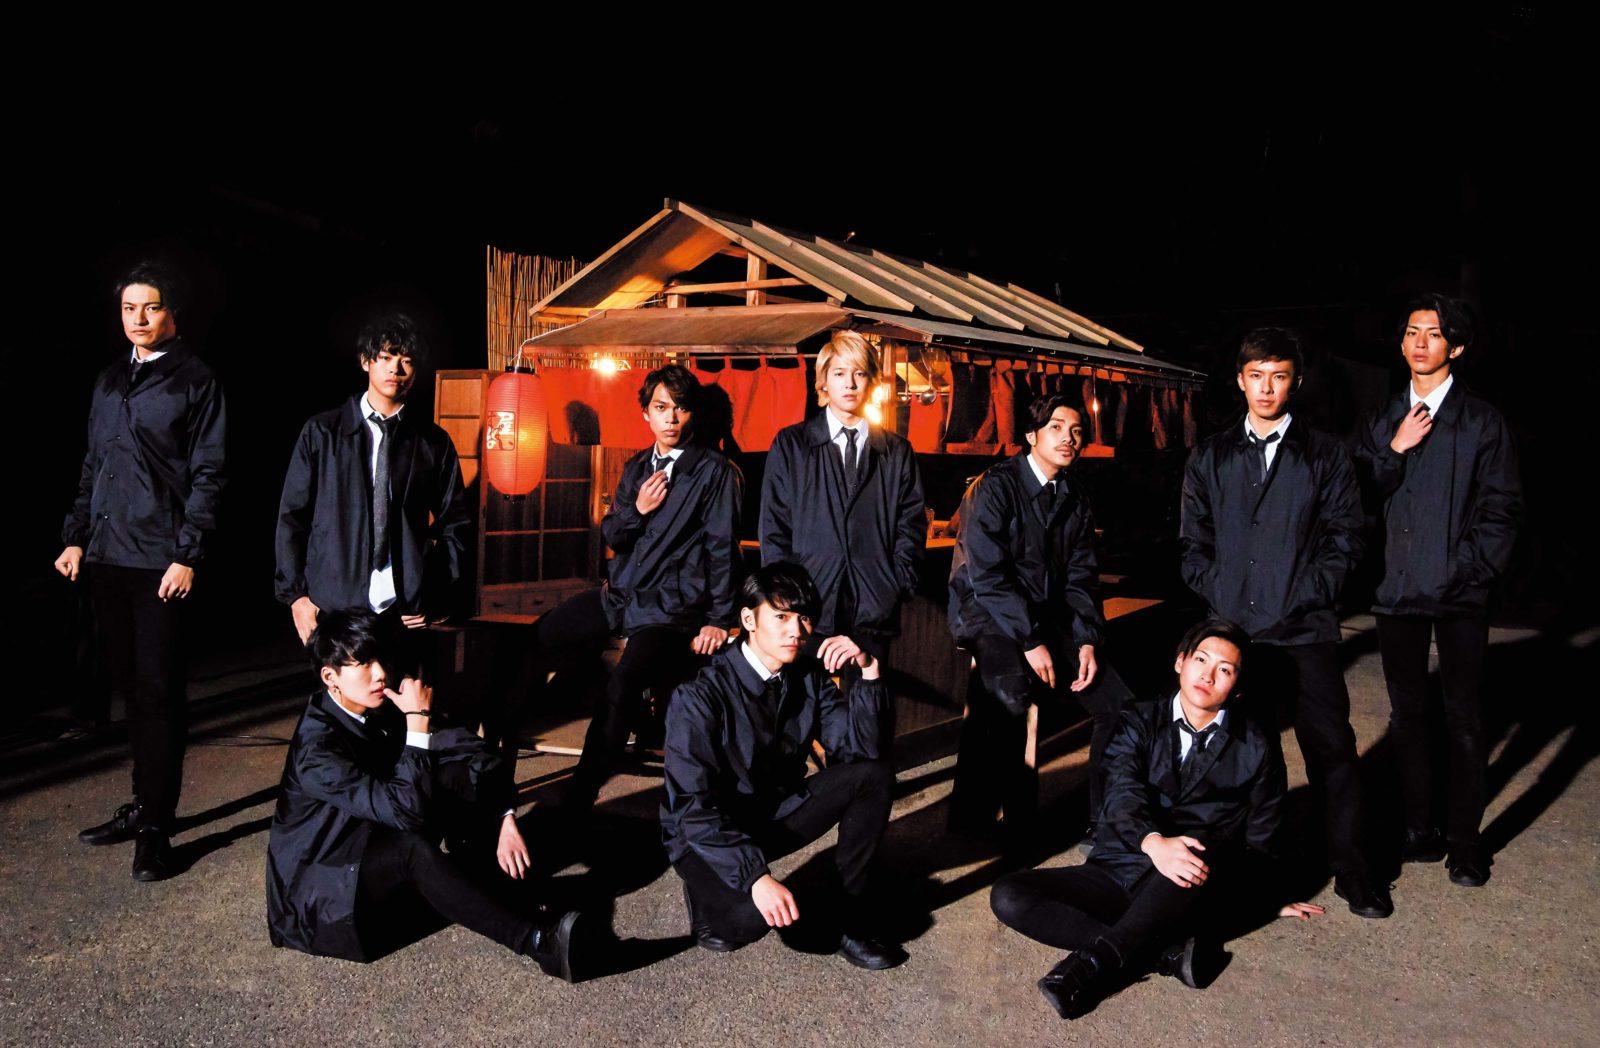 10神ACTOR、レーベル立ち上げ&あえての九州メジャーデビュー決定サムネイル画像